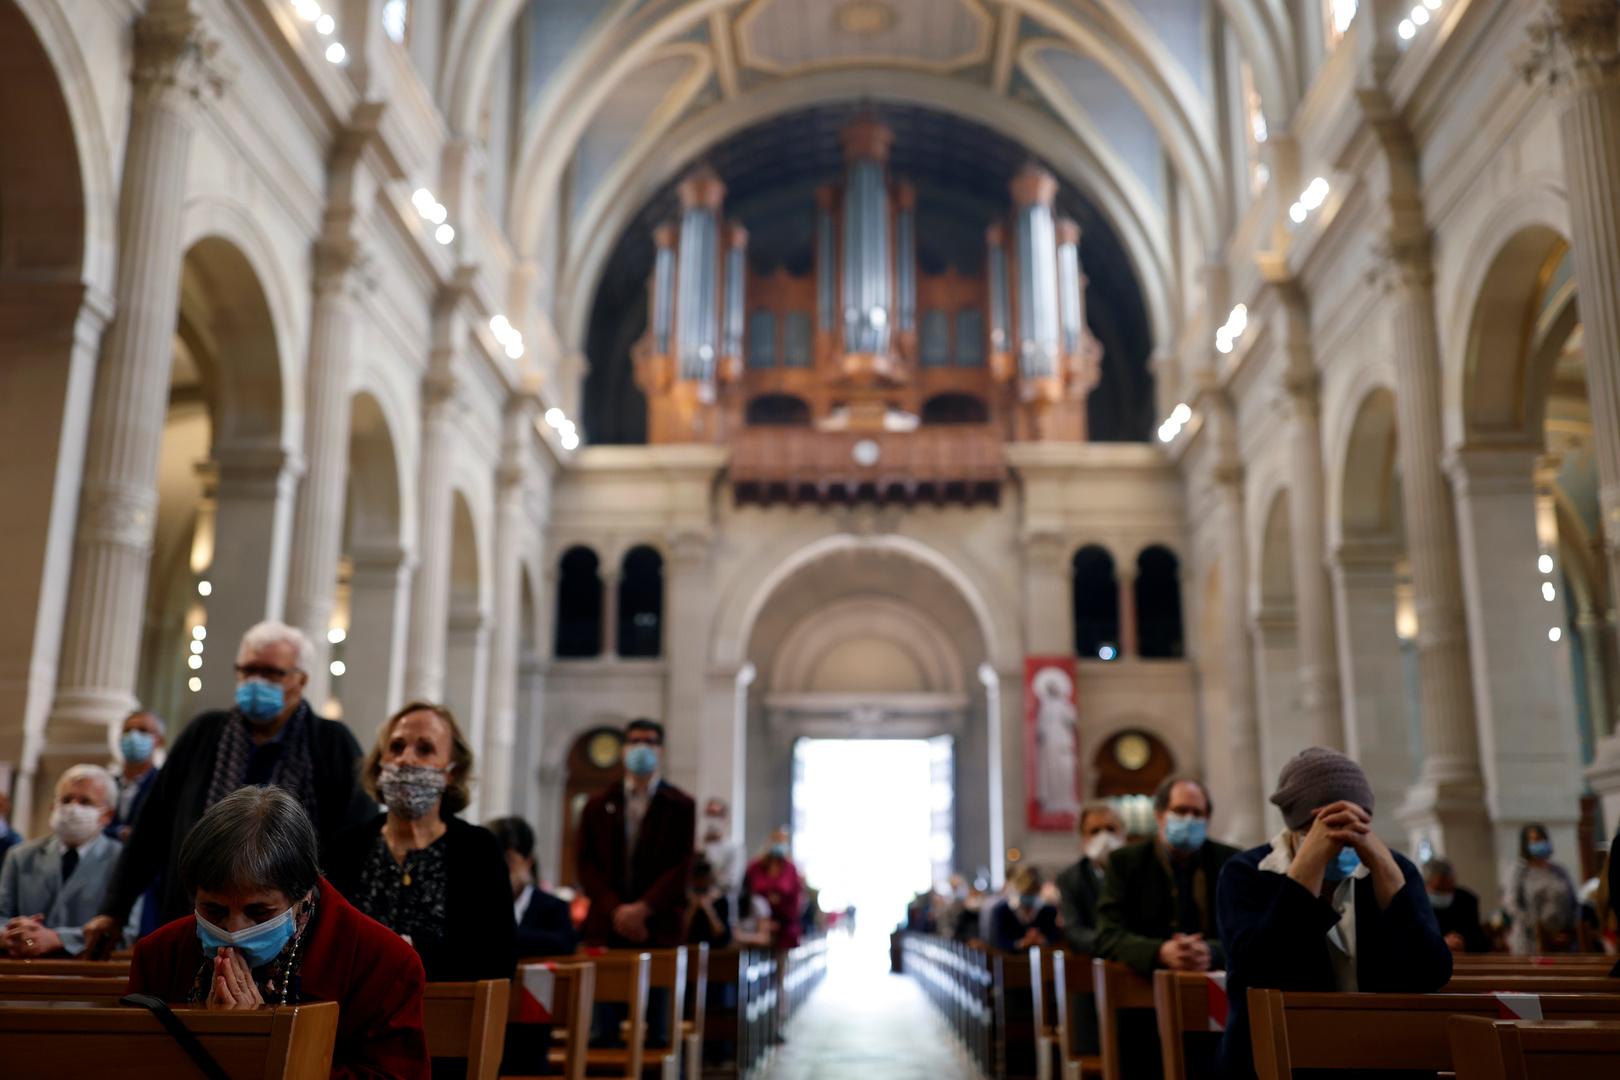 مصلون يحضرون قداسا في كنيسة ويرتدون كمامات في ظل انتشار فيروس كورونا بفرنسا